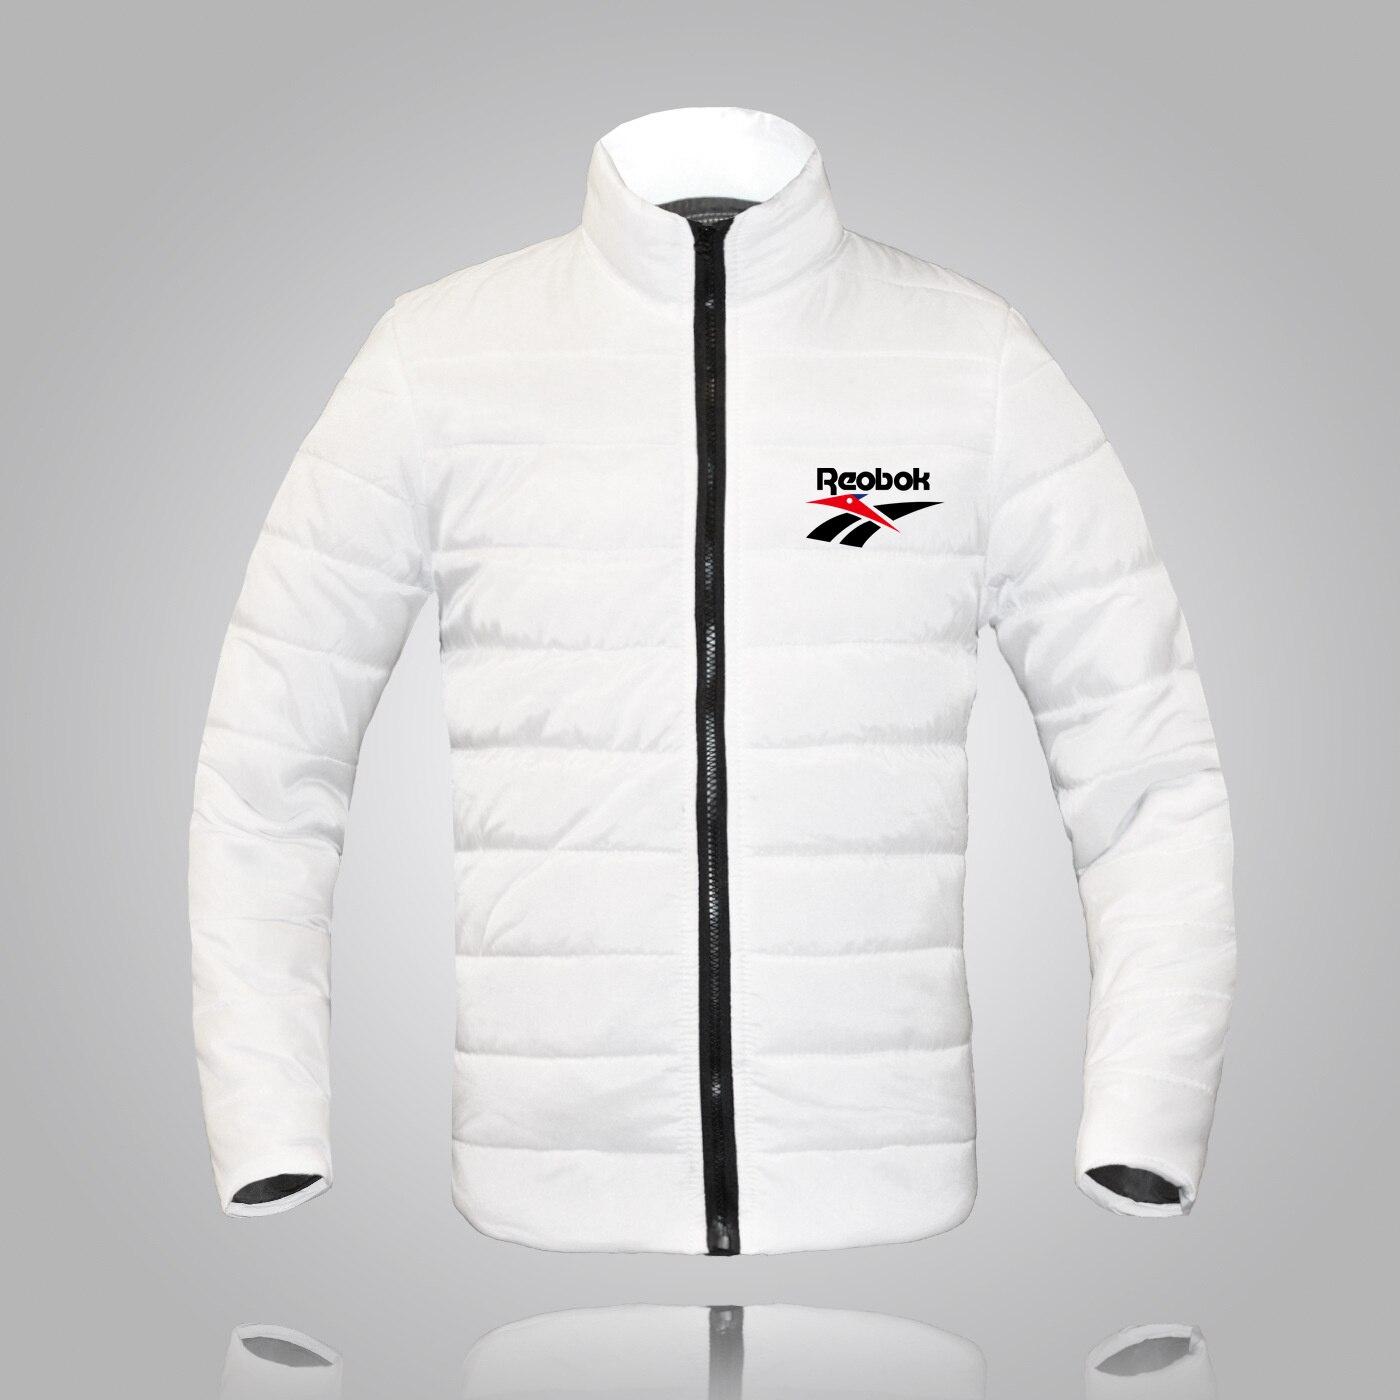 Мужские куртки, мужские брендовые зимние куртки с принтом, зимние куртки с длинным рукавом, тонкие теплые куртки, новая серия 2021